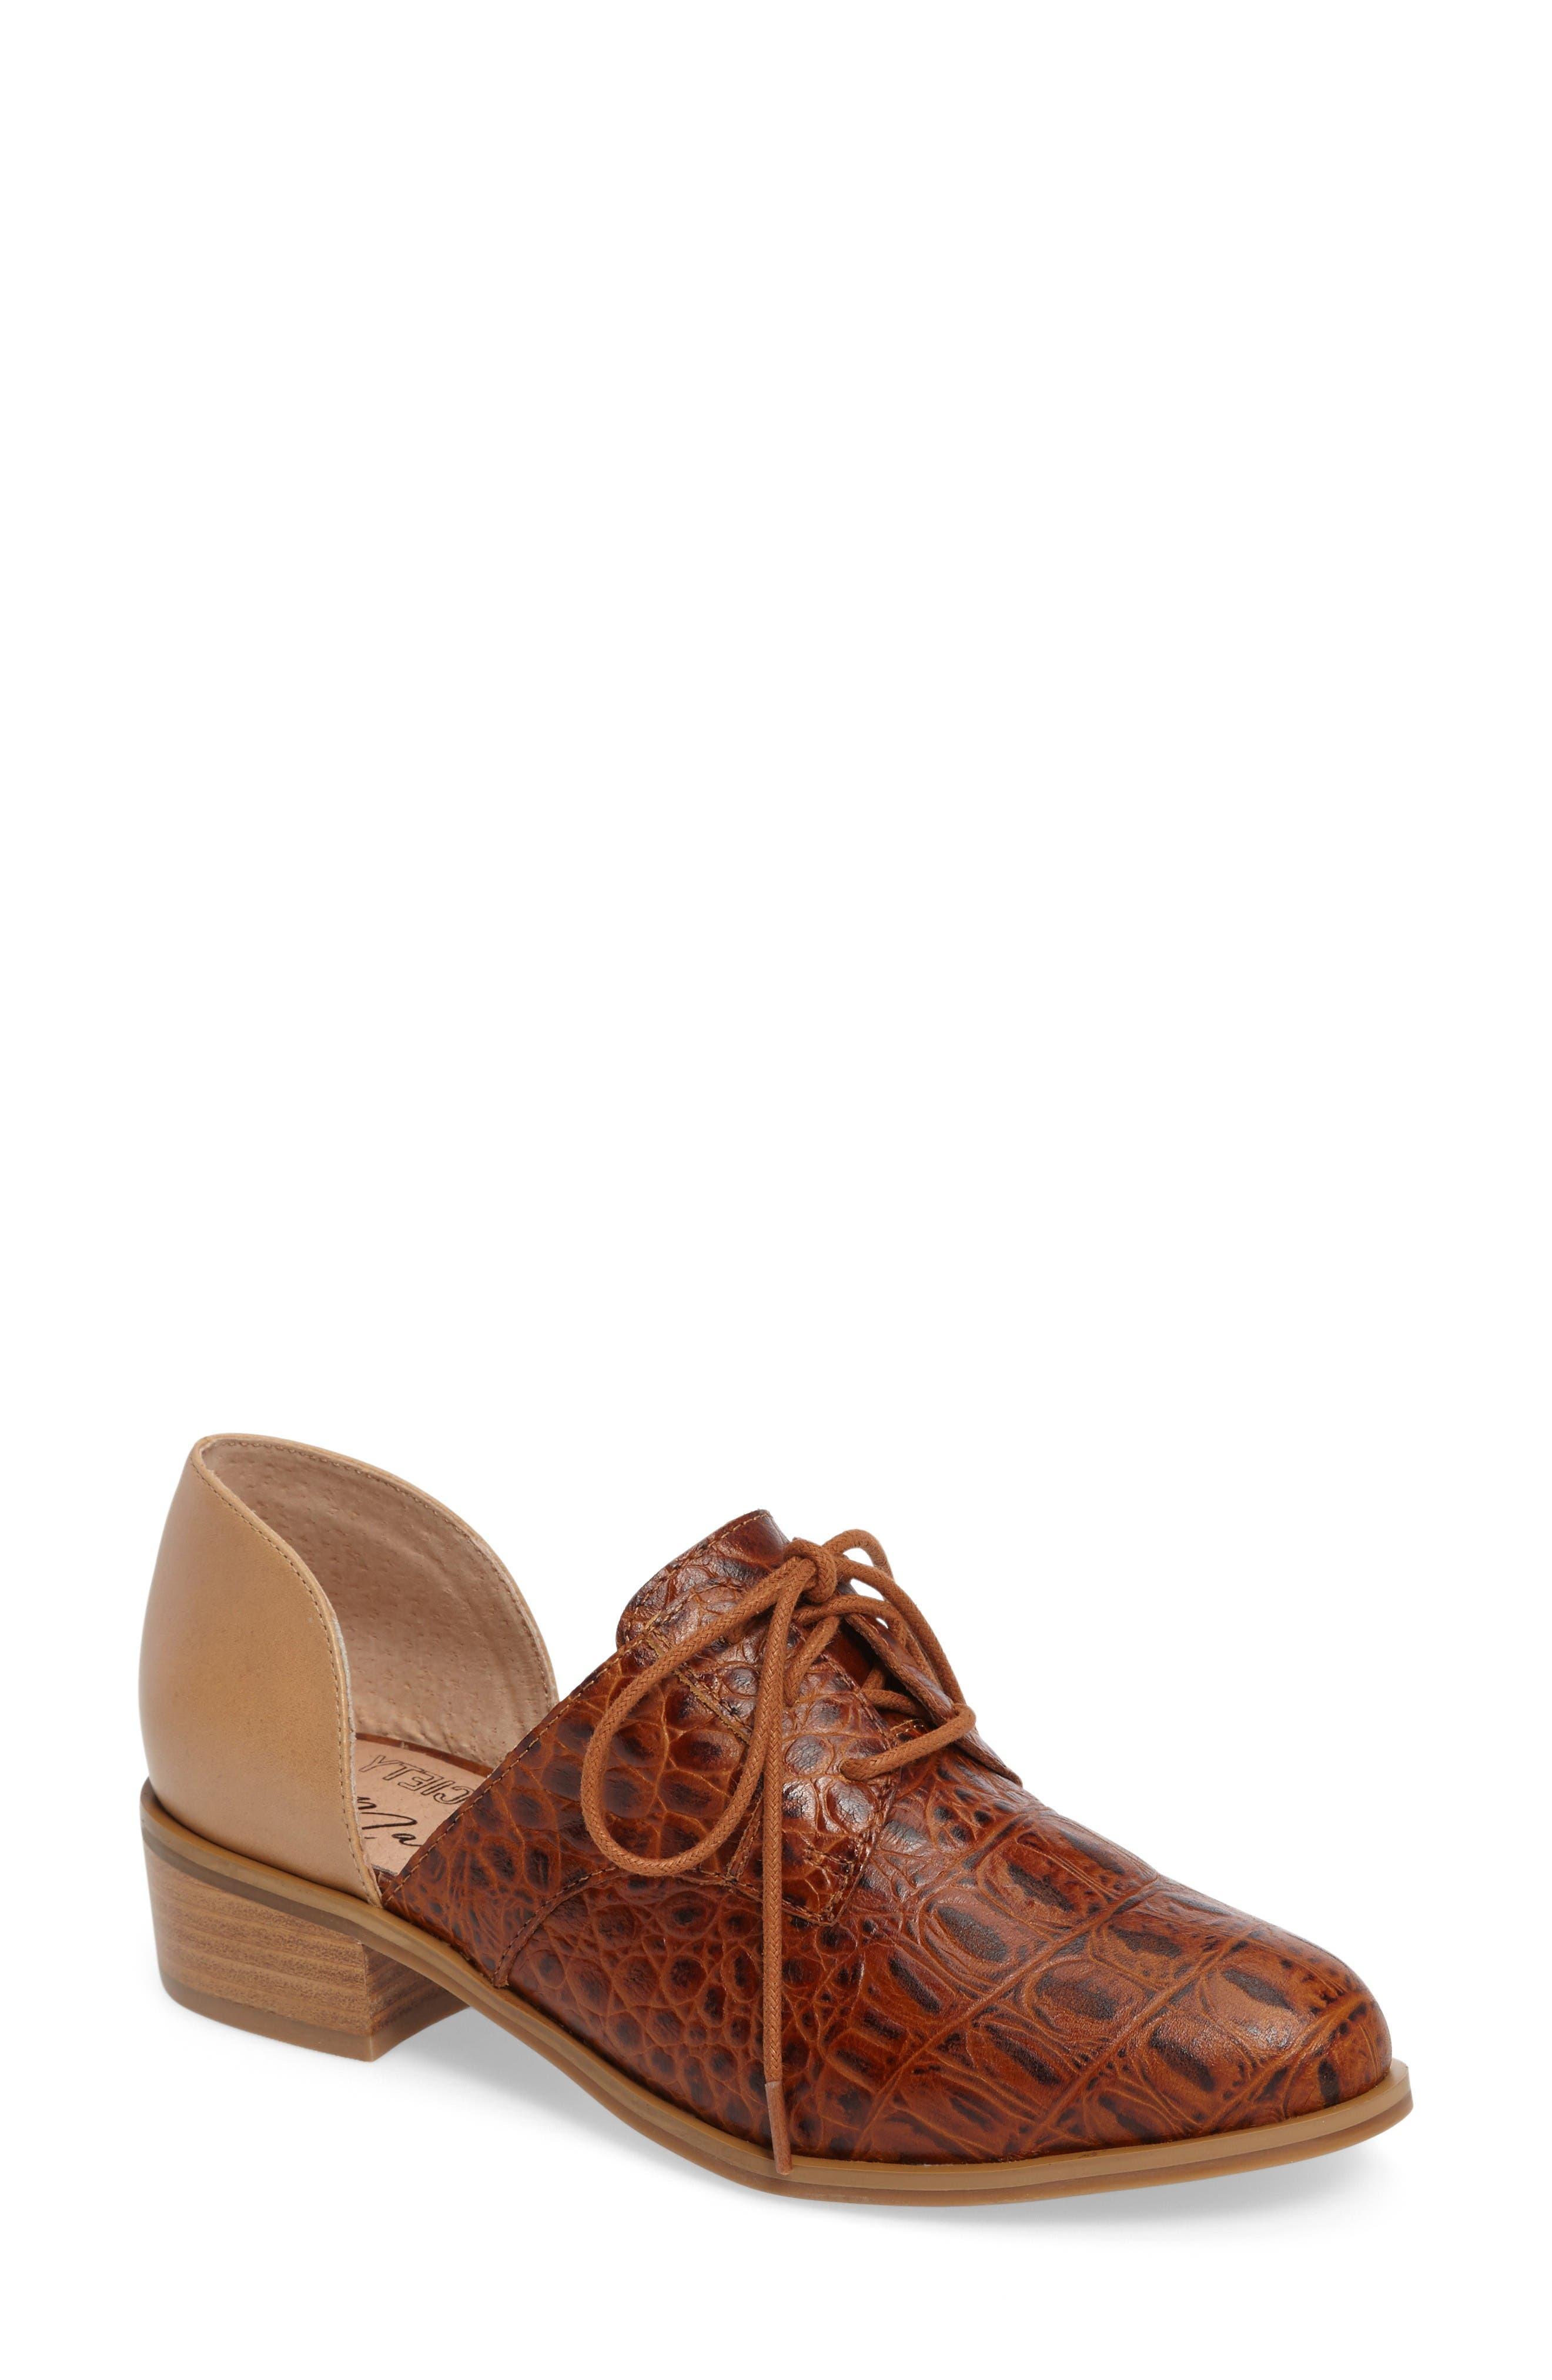 Amuse Me Cutout Oxford,                         Main,                         color, Tan Leather